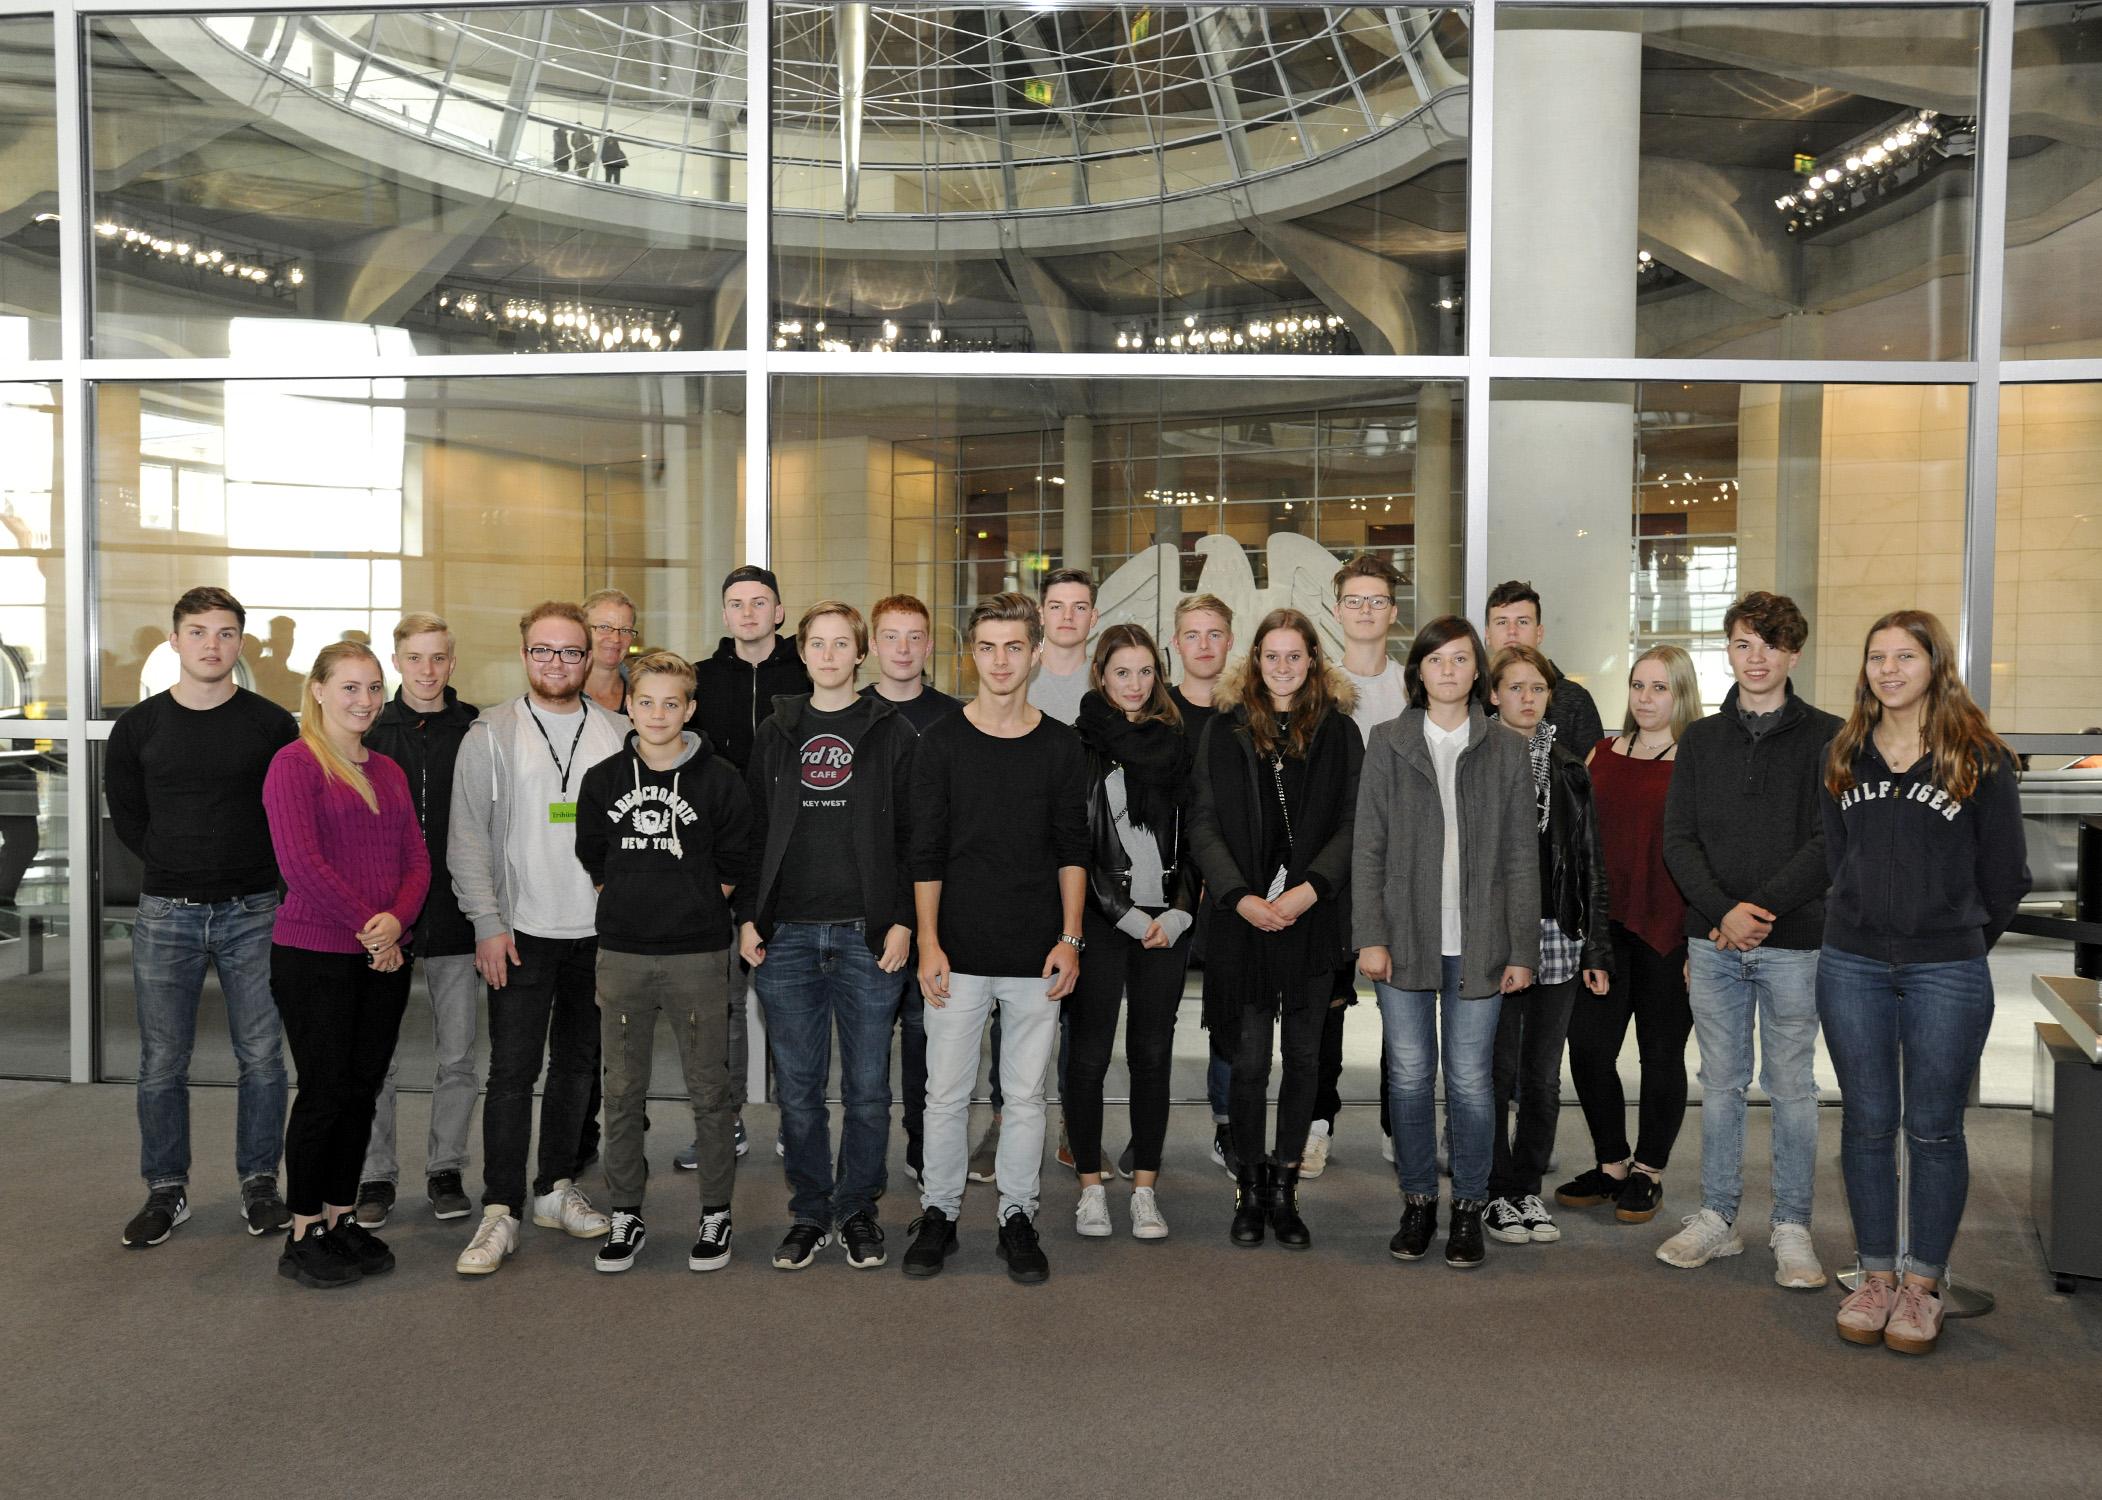 Vom Winde verweht – Geschichtsprojektkurs im Bundestag